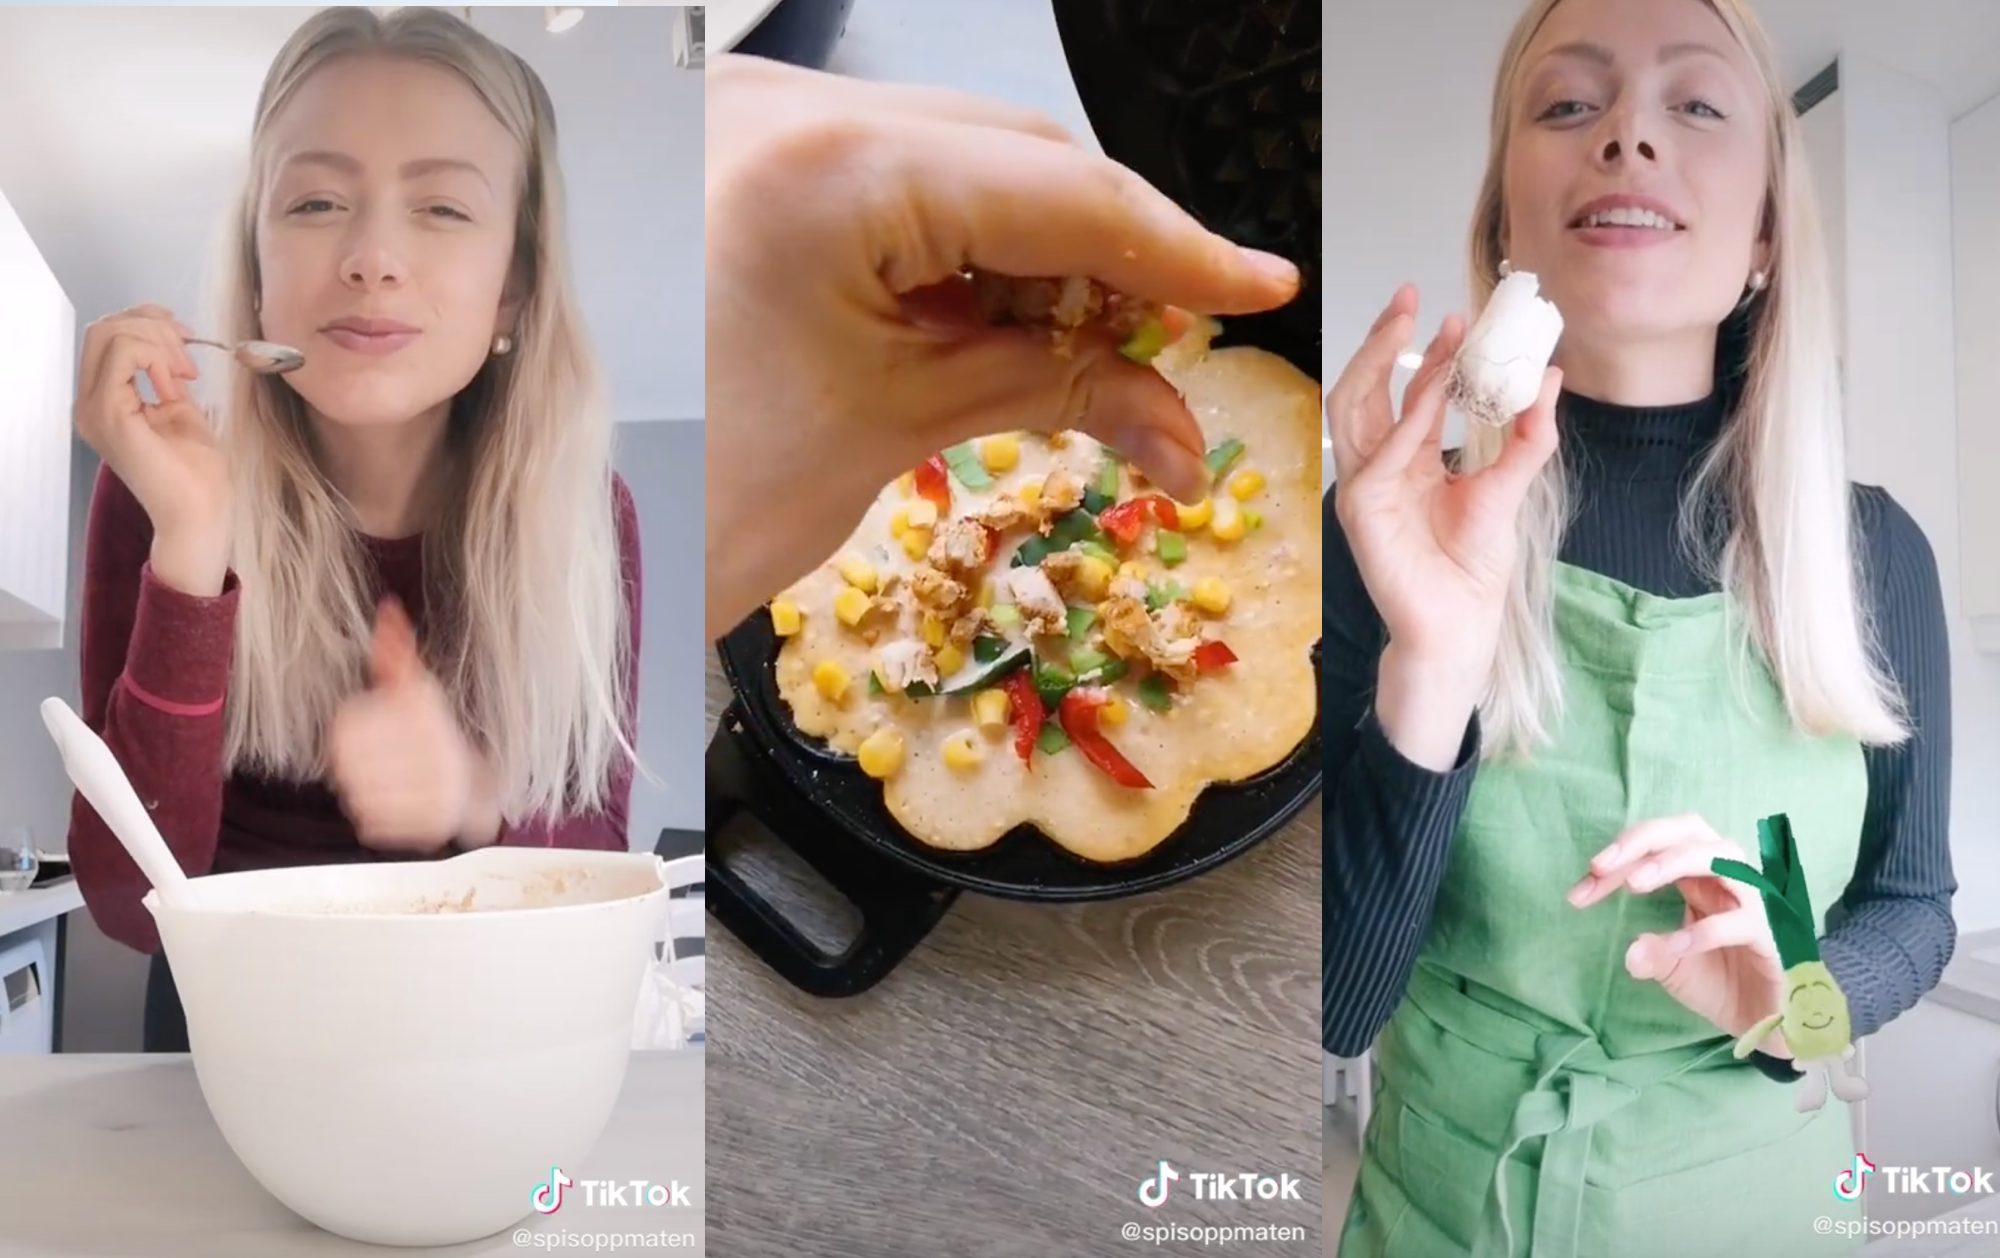 Matsvinn står for opptil ti prosent av klimautsleppa i verda. Matreddar Susanne Nordvang Nesse frå Bømlo er aktiv i sosiale medium i kampen mot matsvinn.